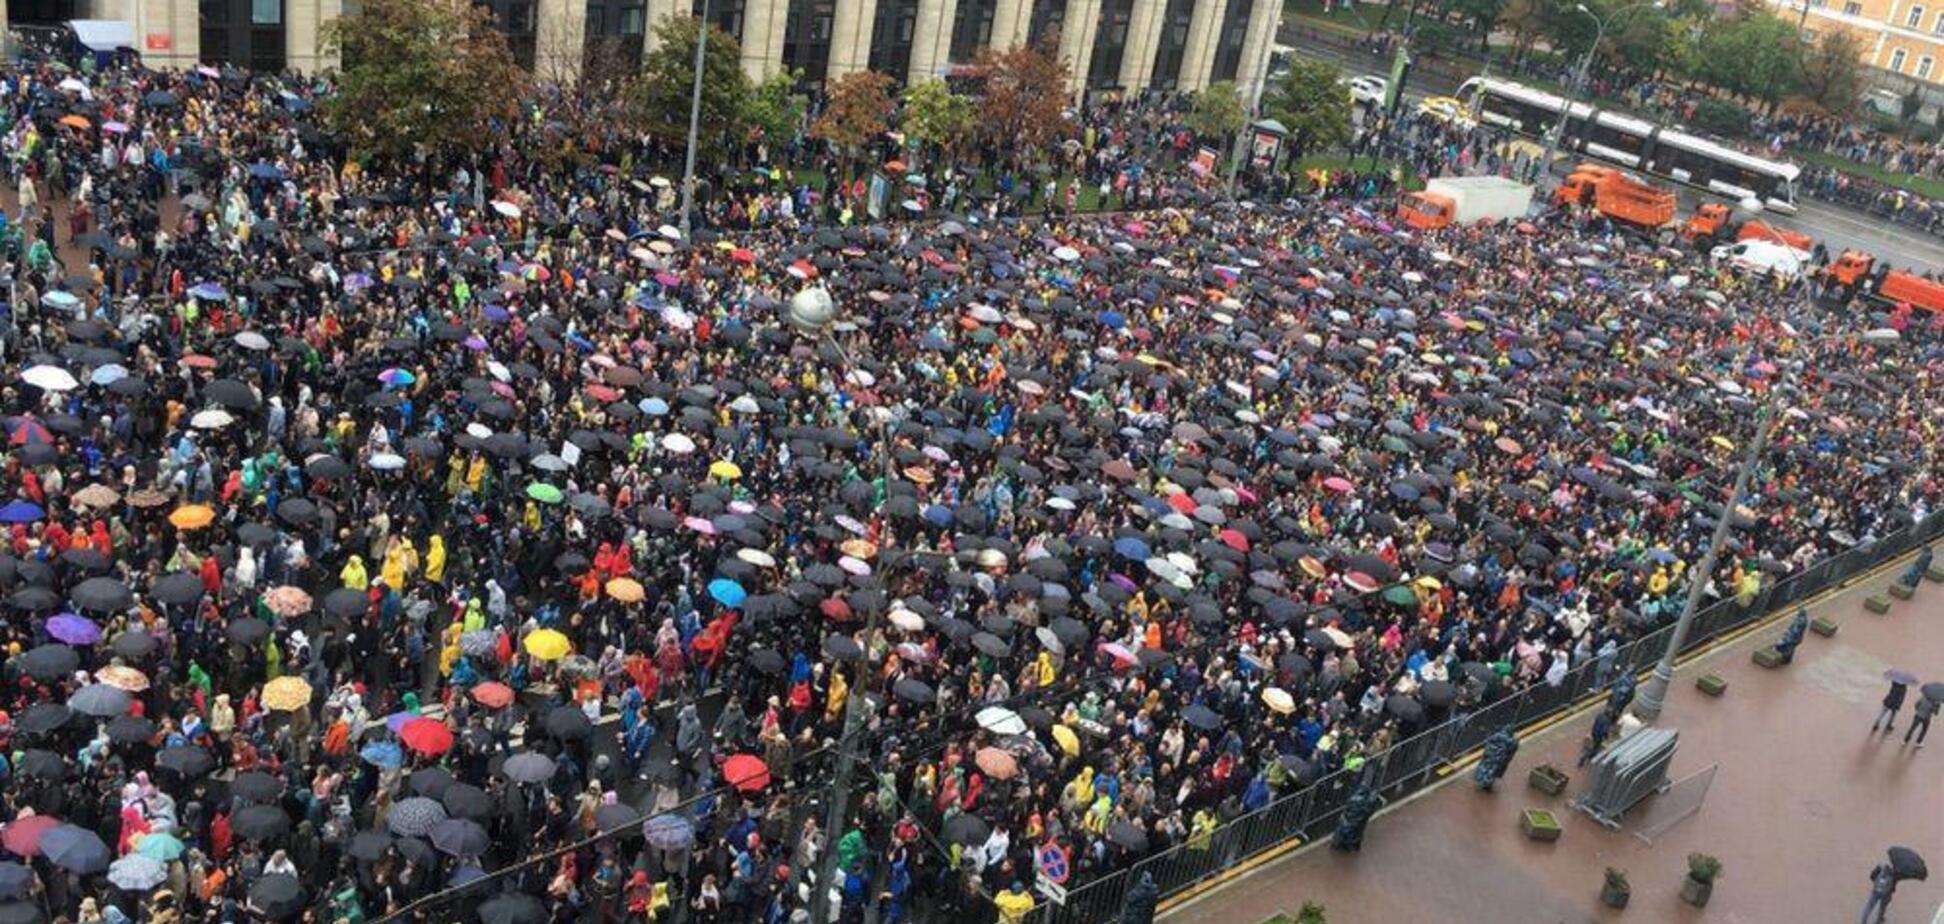 Митинг в Москве: появились показательные фото с высоты